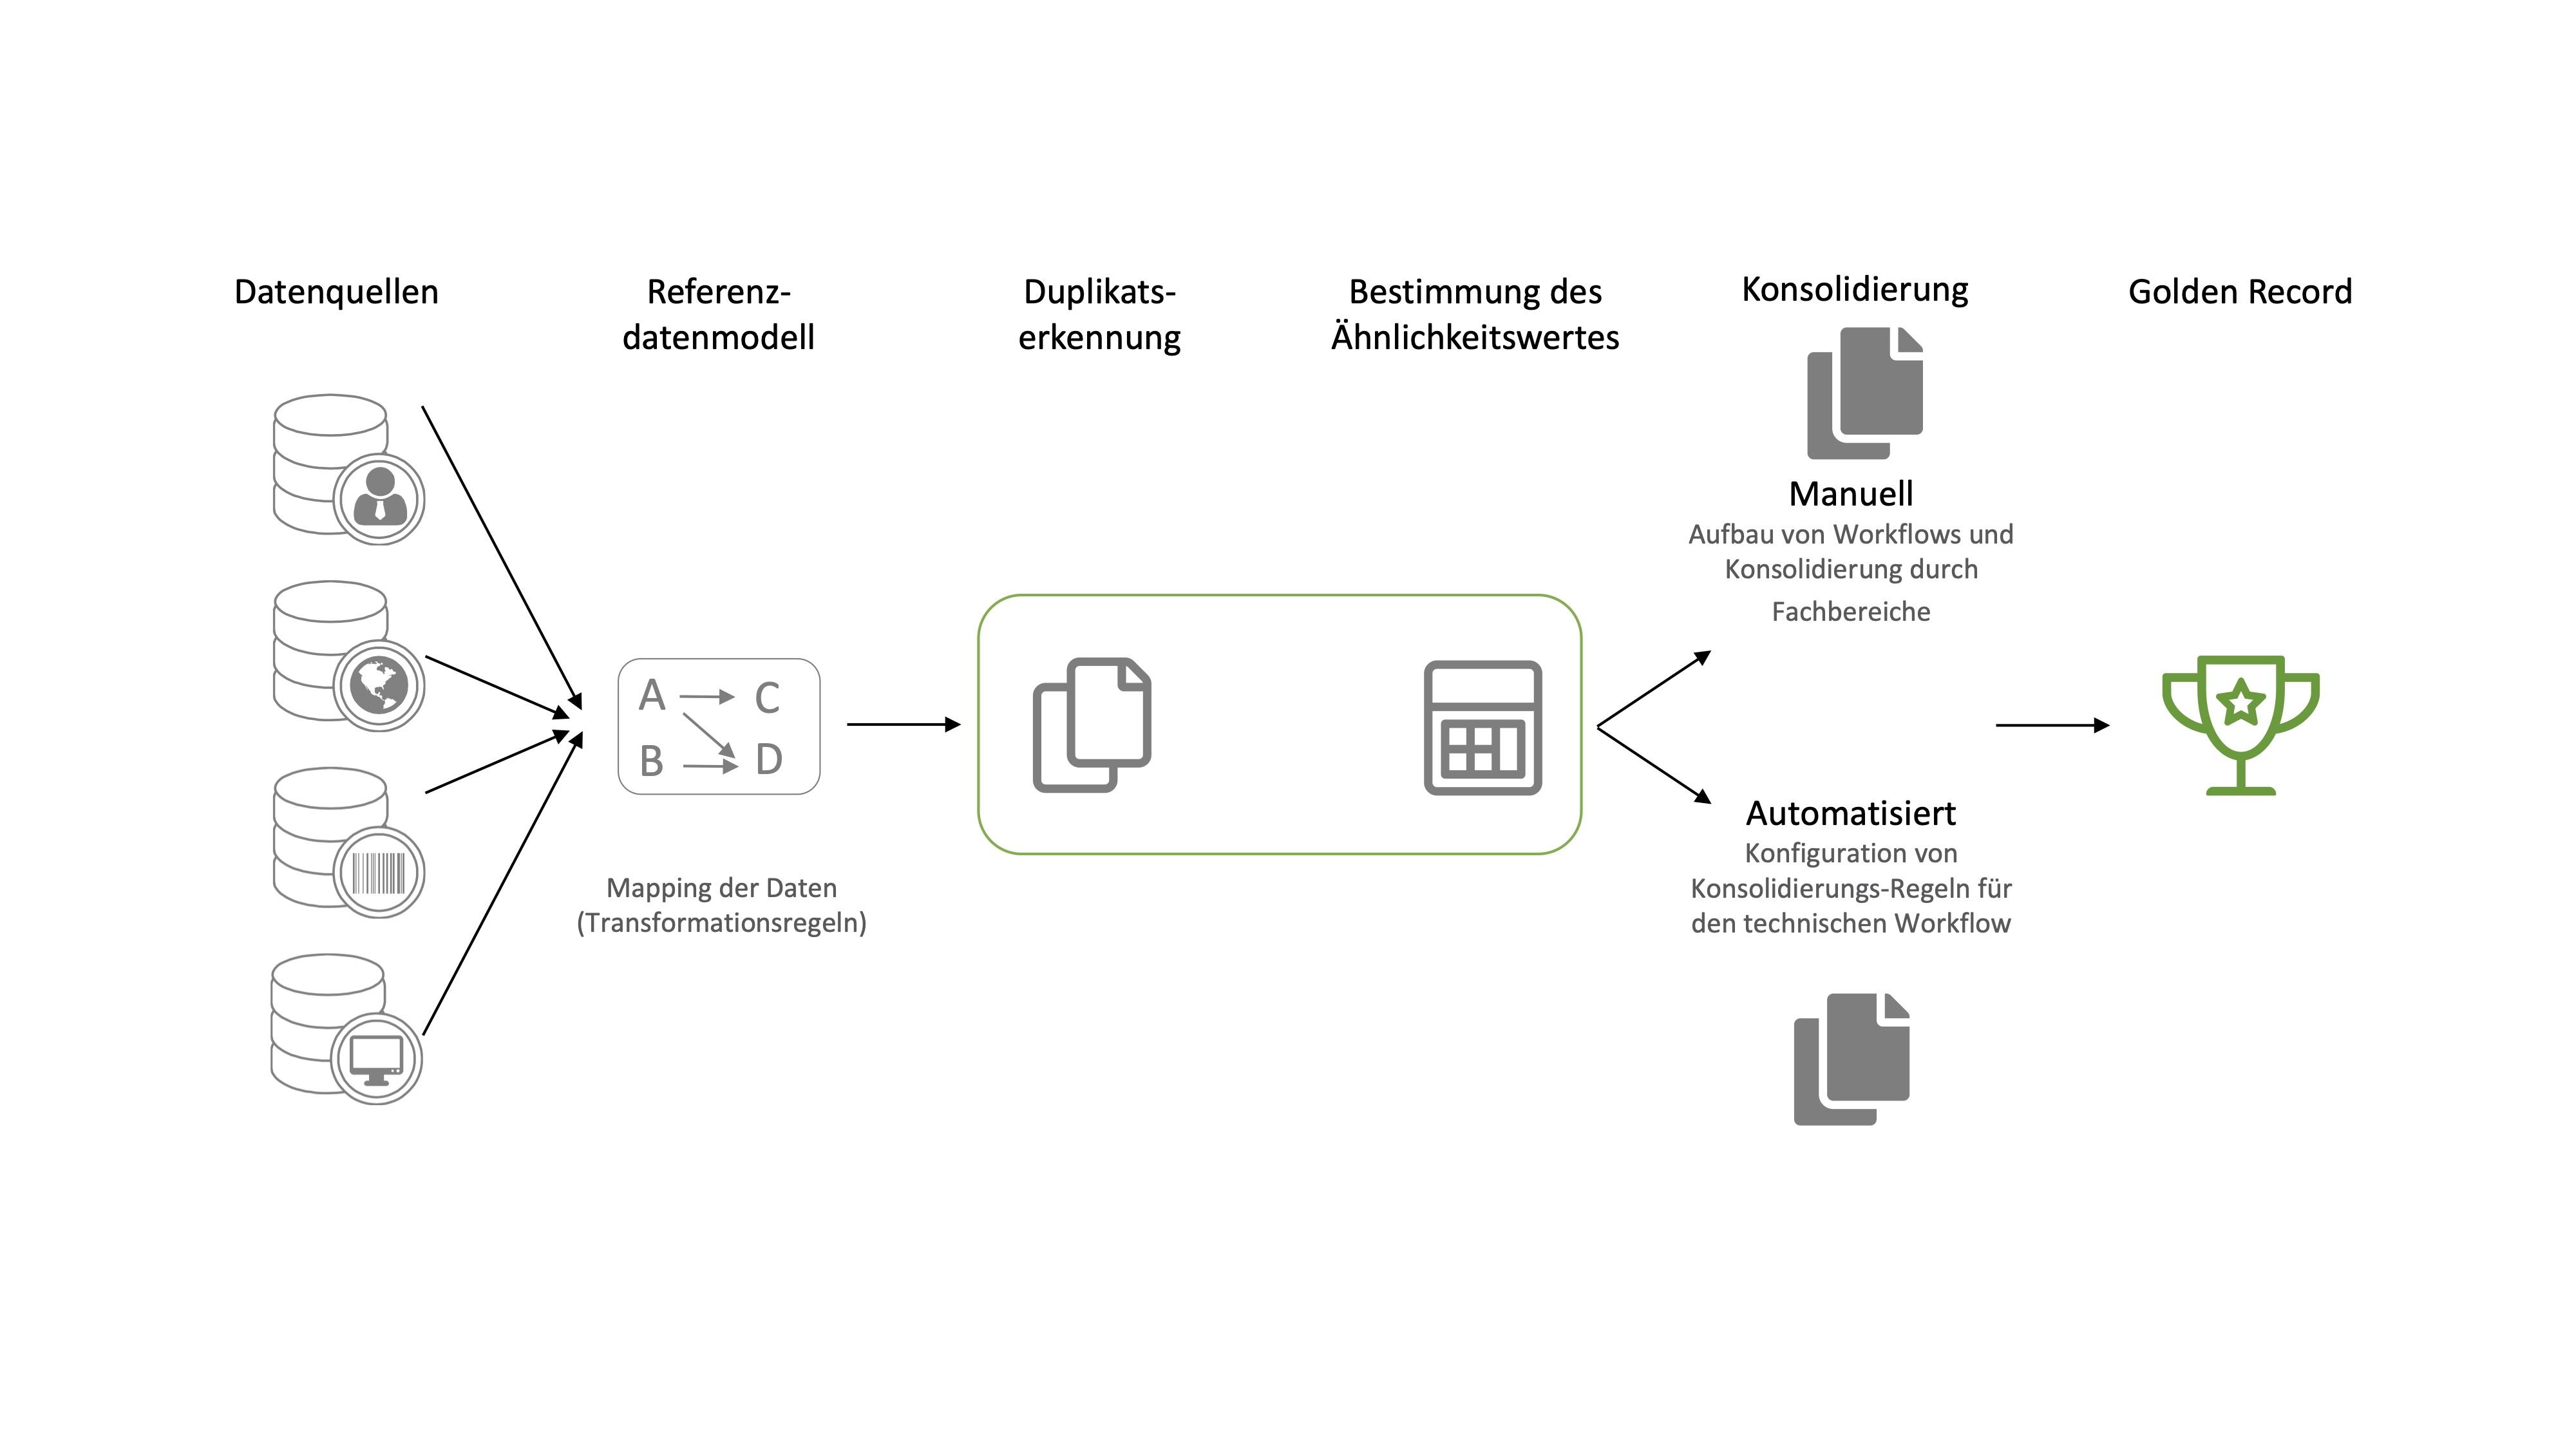 Der Ablauf der Datenkonsolidierung in DataRocket: In fünf Schritten werden die Daten aus den Quellsystemen geladen, auf ein Referenzdatenmodell gemoppt, auf Duplikate geprüft und automatisiert oder manuell konsolidiert. Am Ende stehen fehlerfreie Golden Records, die in ein Zielsystem migriert werden können